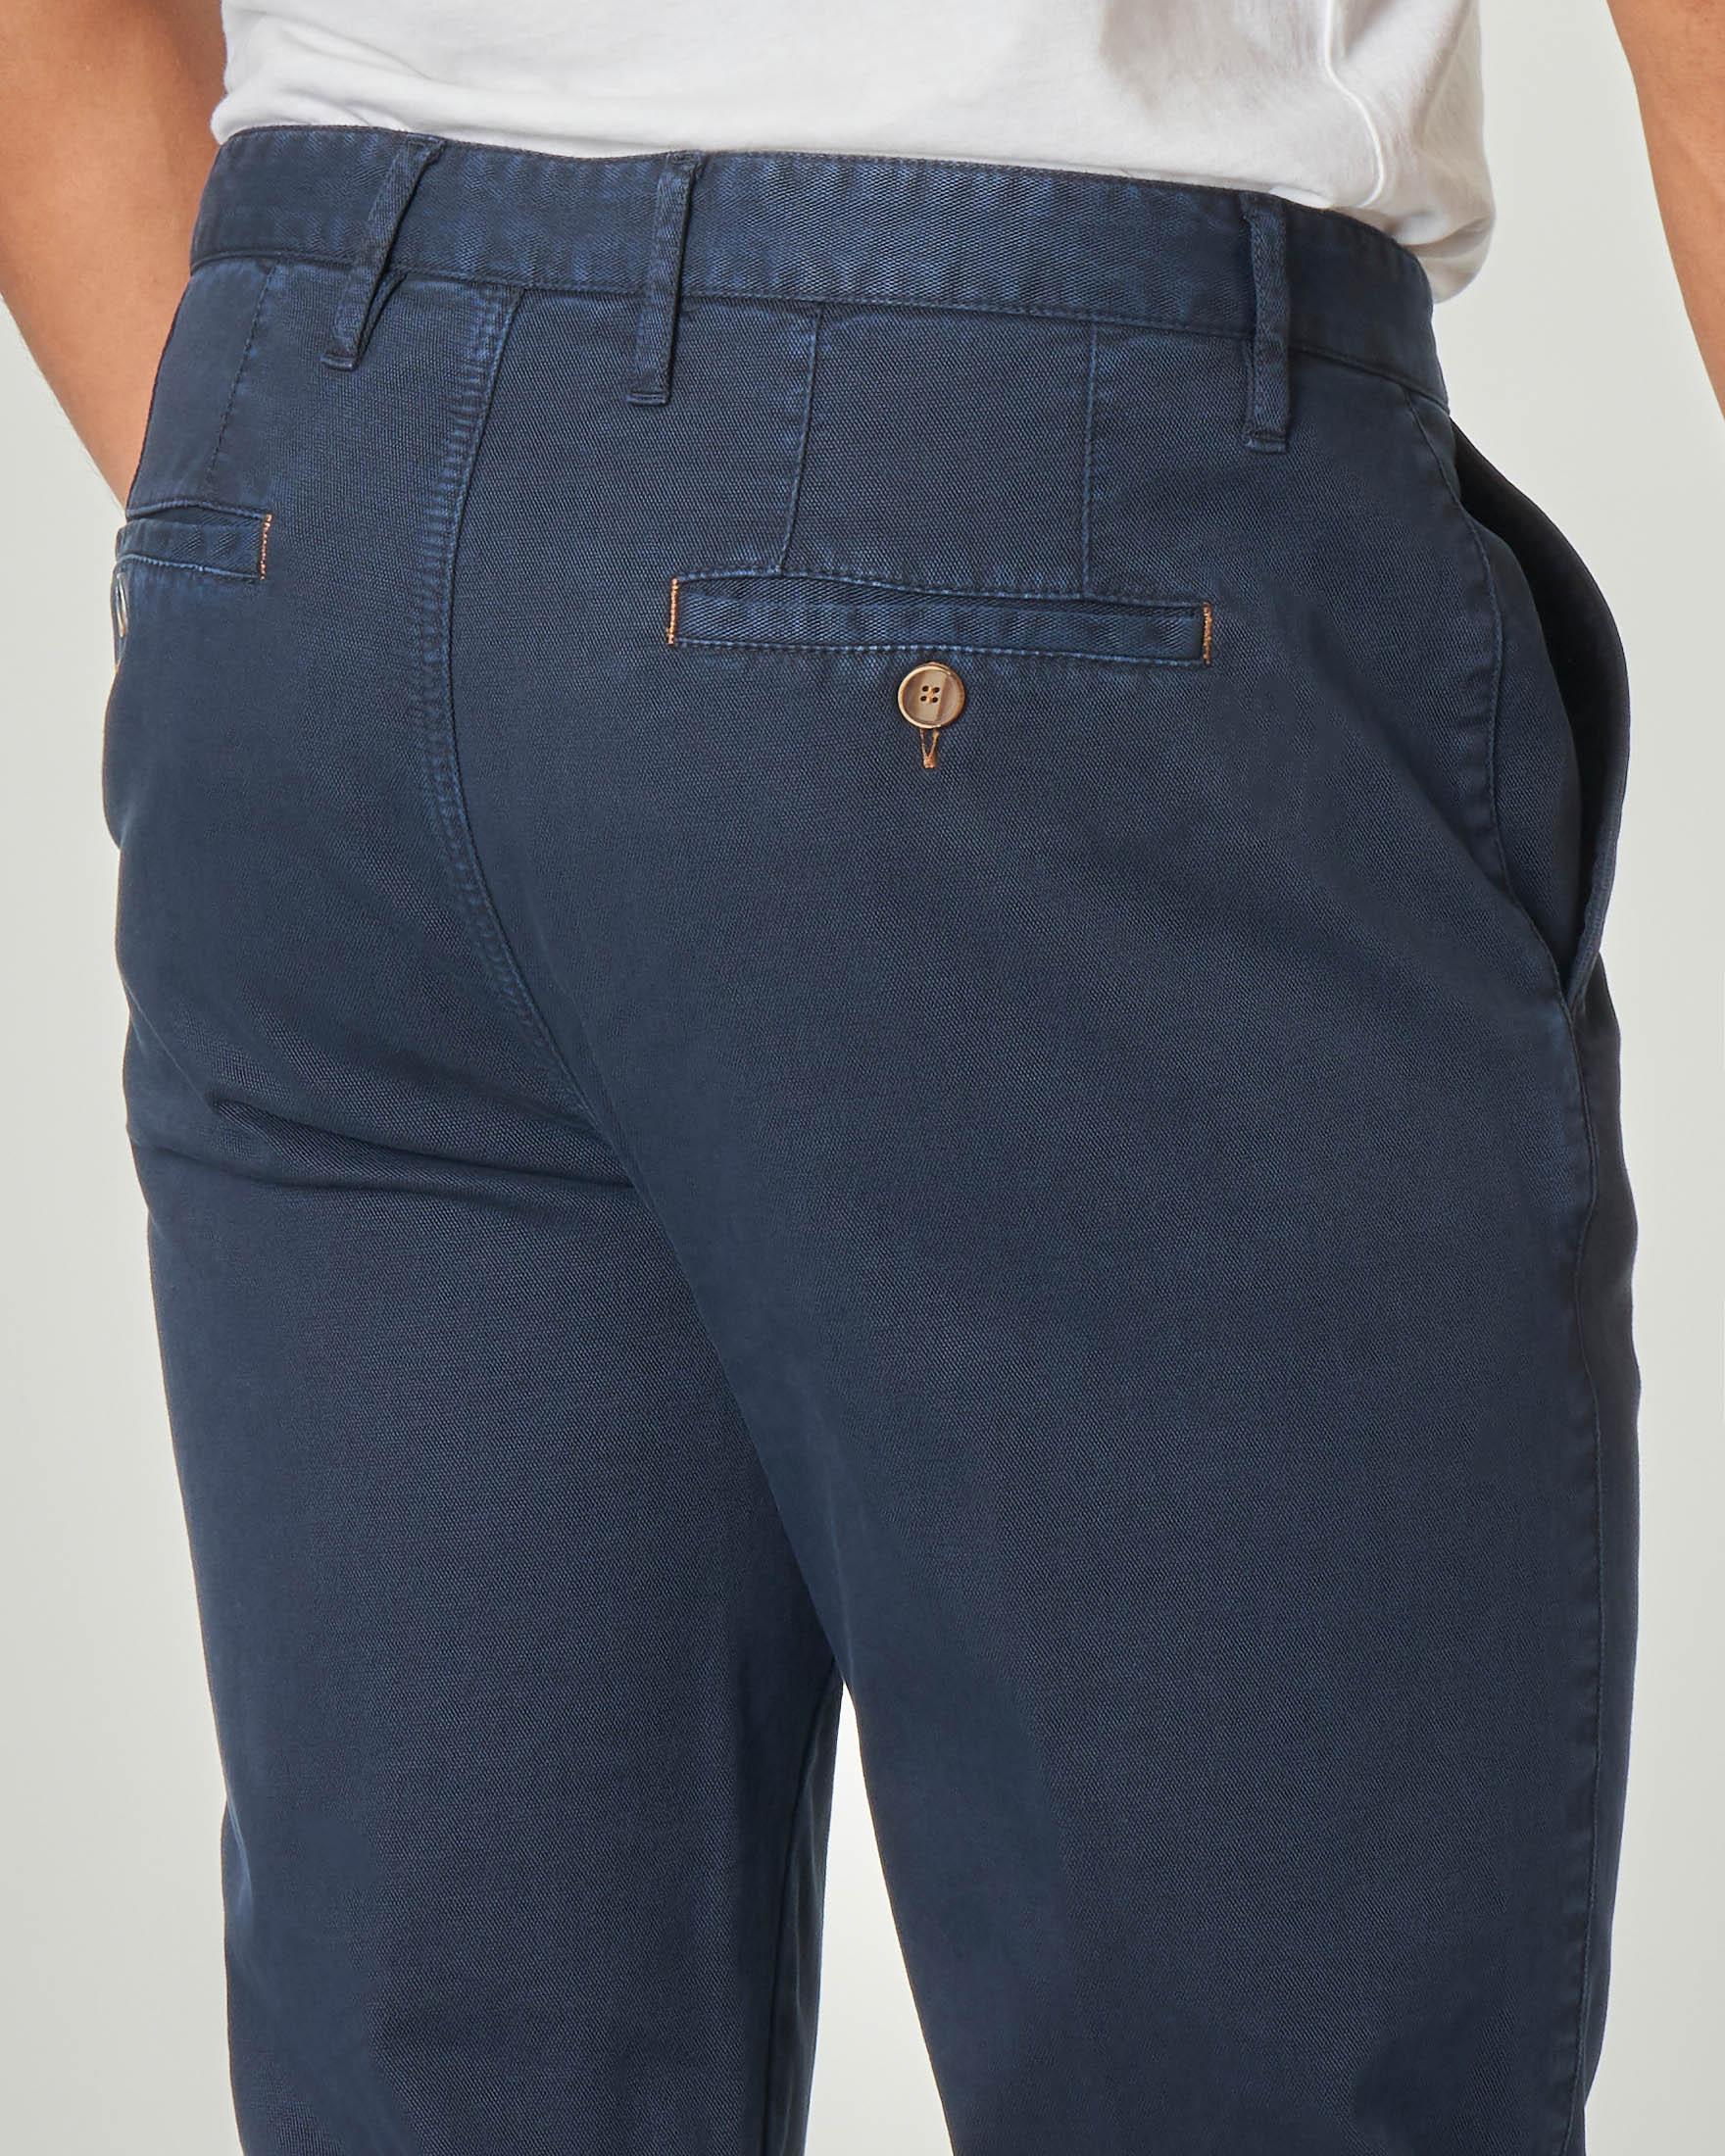 Pantalone chino blu micro-armatura in cotone stretch